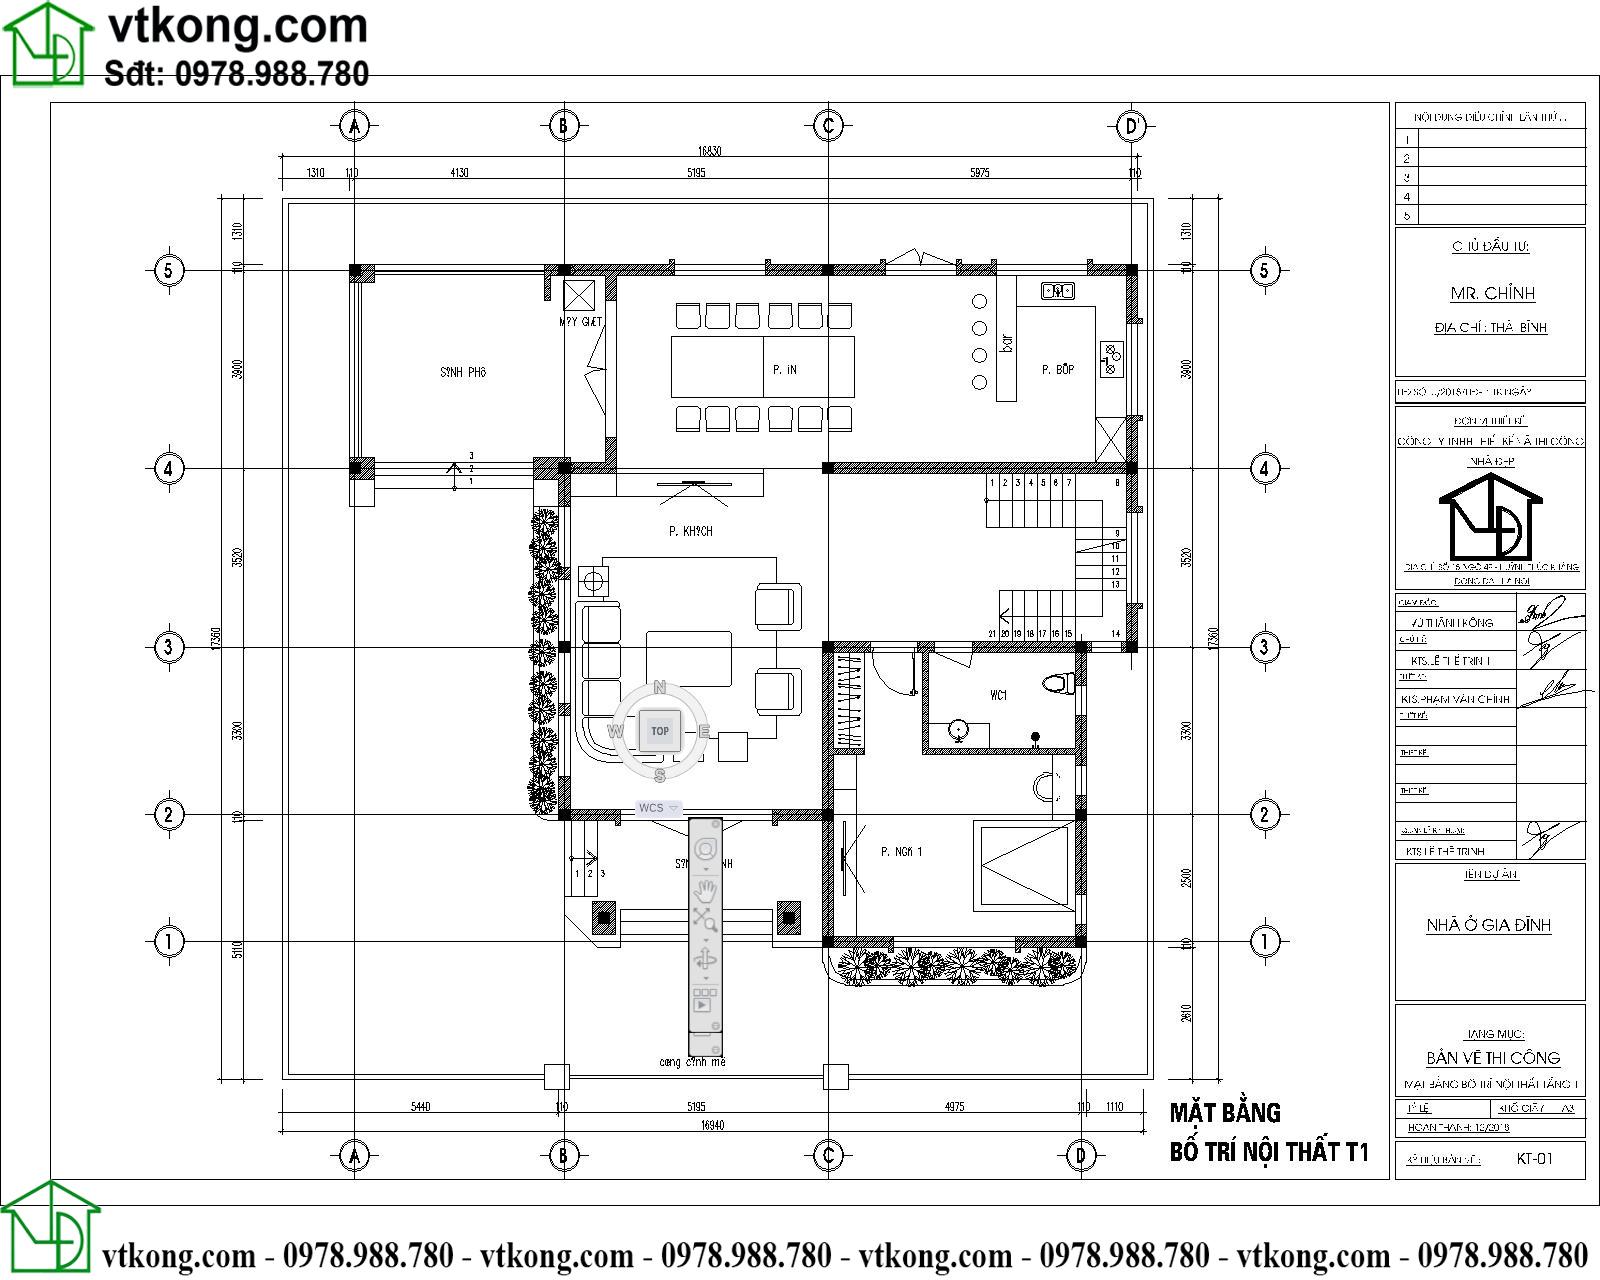 Thiết kế biệt thự 3 tầng đẹp hiện đại 15x15m BT3T008 3